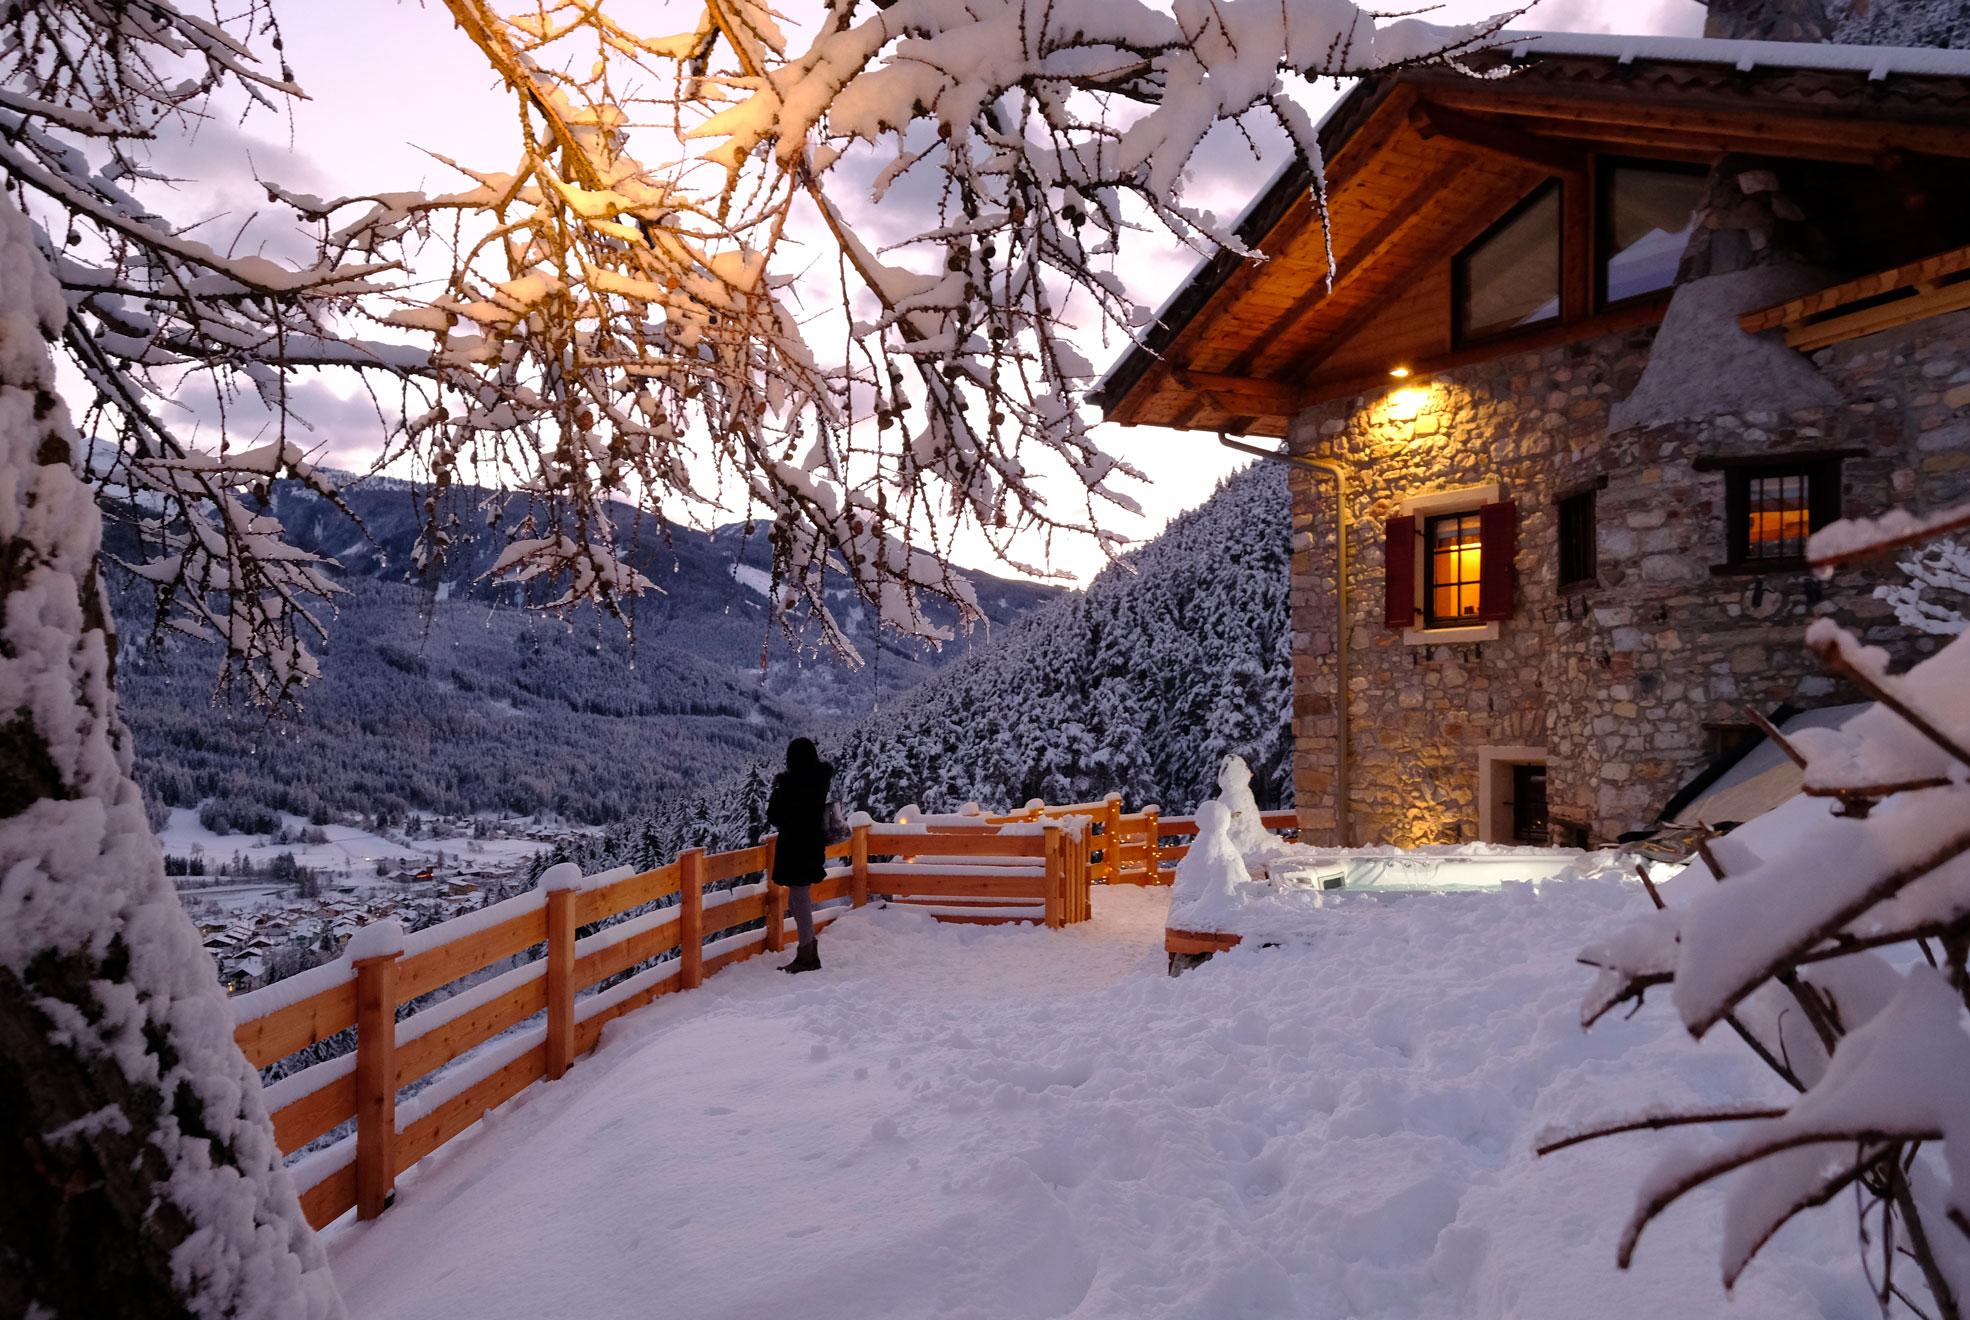 Settimana bianca in Italia: 14 case da affittare in montagna